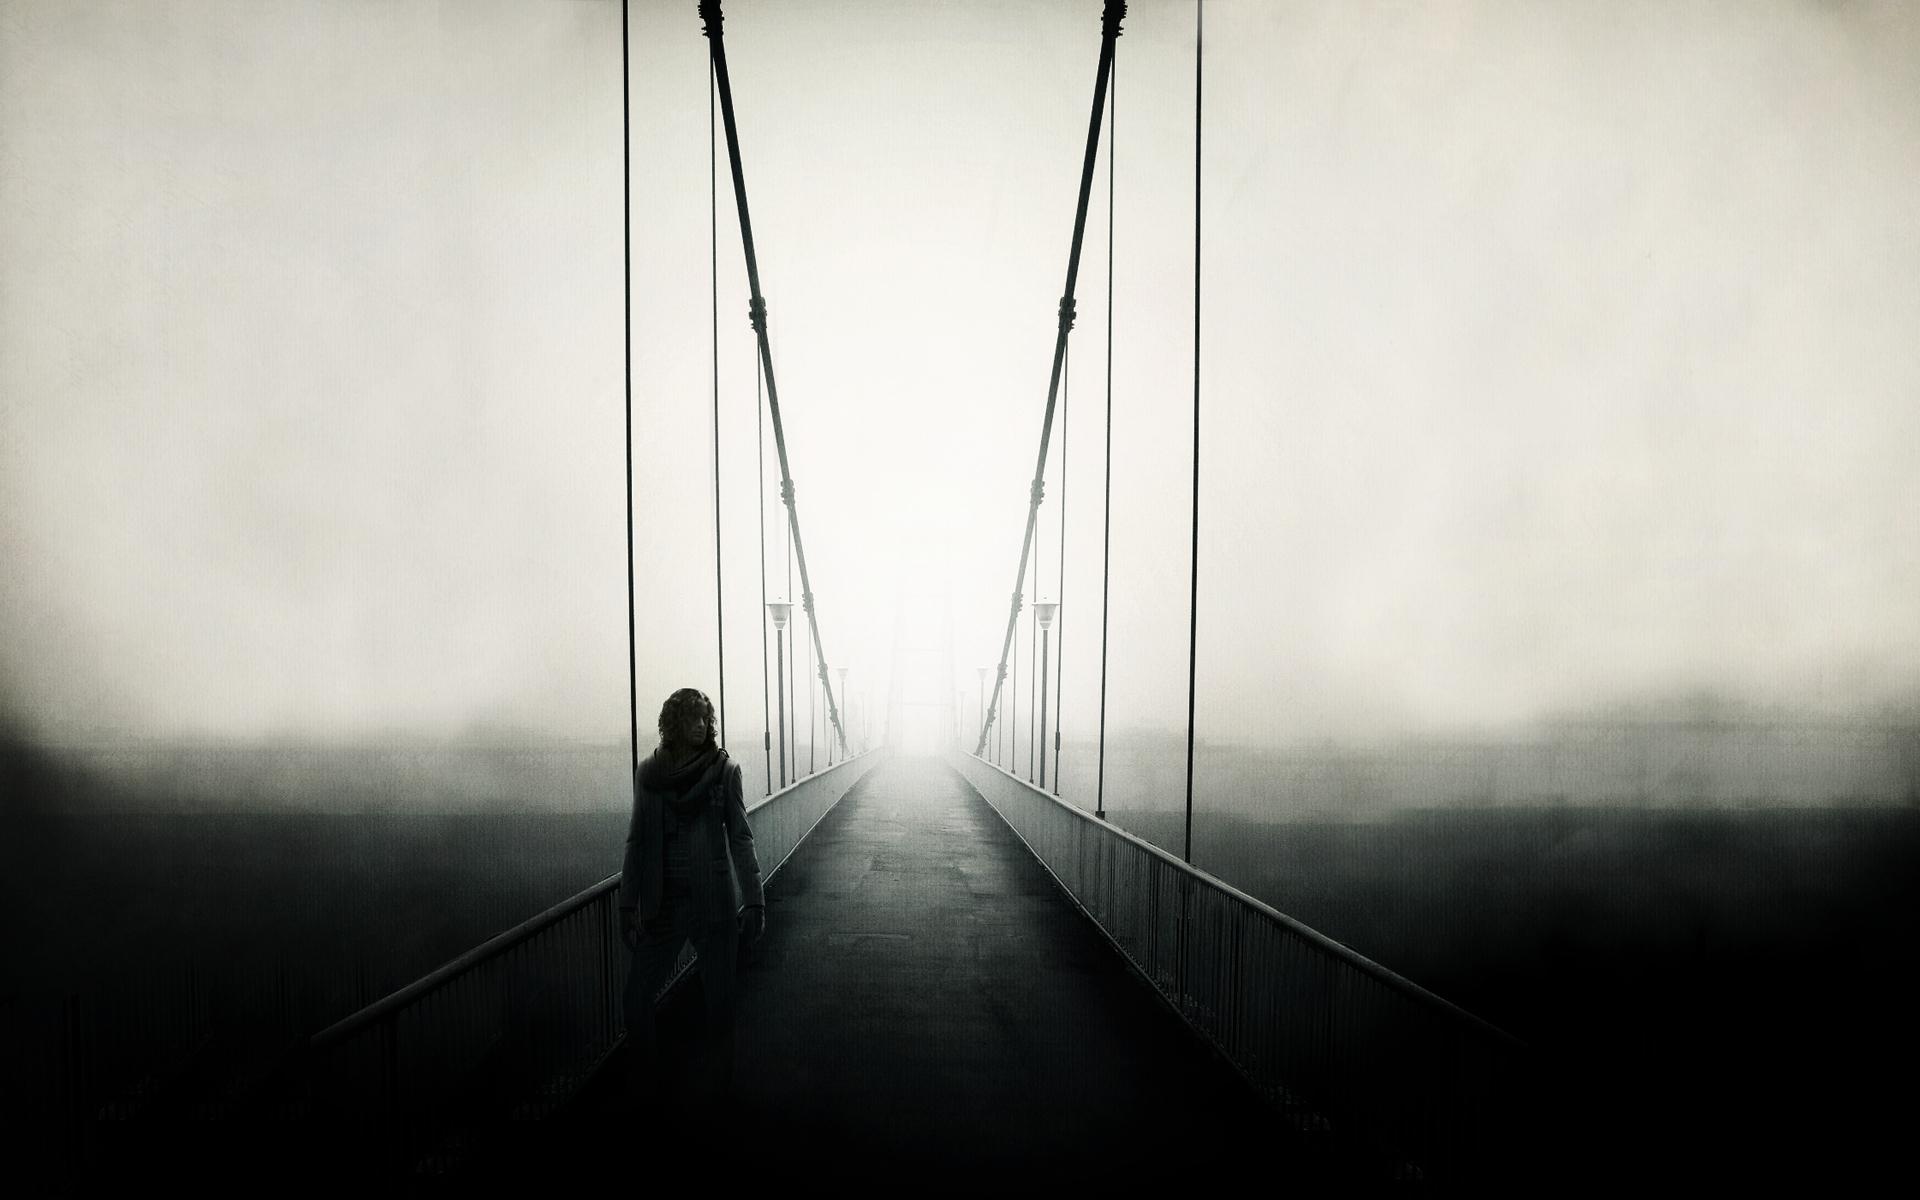 светлые картинки на мосту человека результате страдает